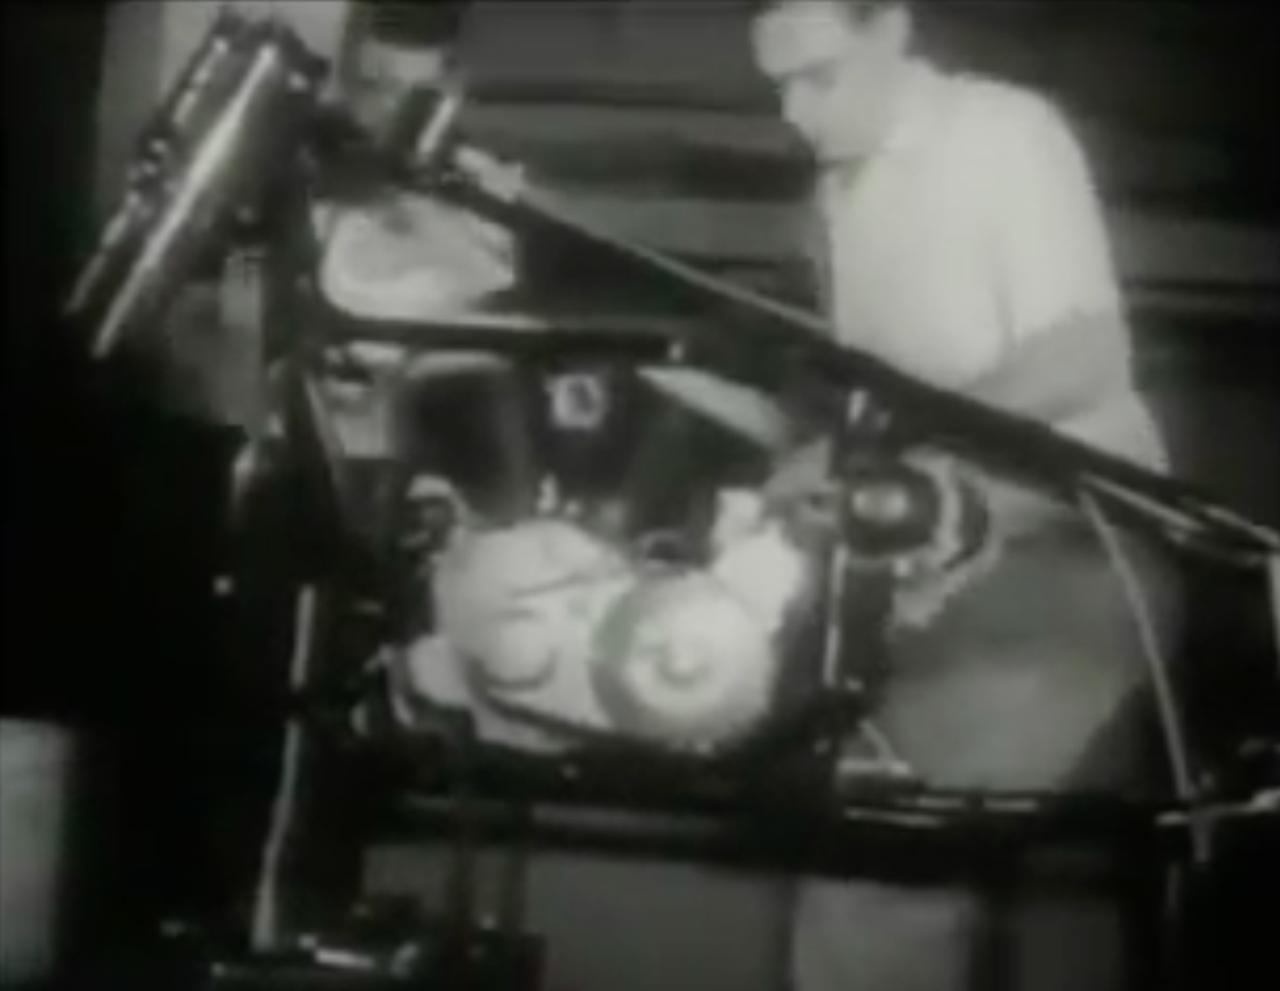 画像: エンジン+駆動系を搭載するときはふたりがかり。それでも腰が痛くなりそう・・・ひ弱な私はそう思ってしまいます(苦笑)。 www.youtube.com